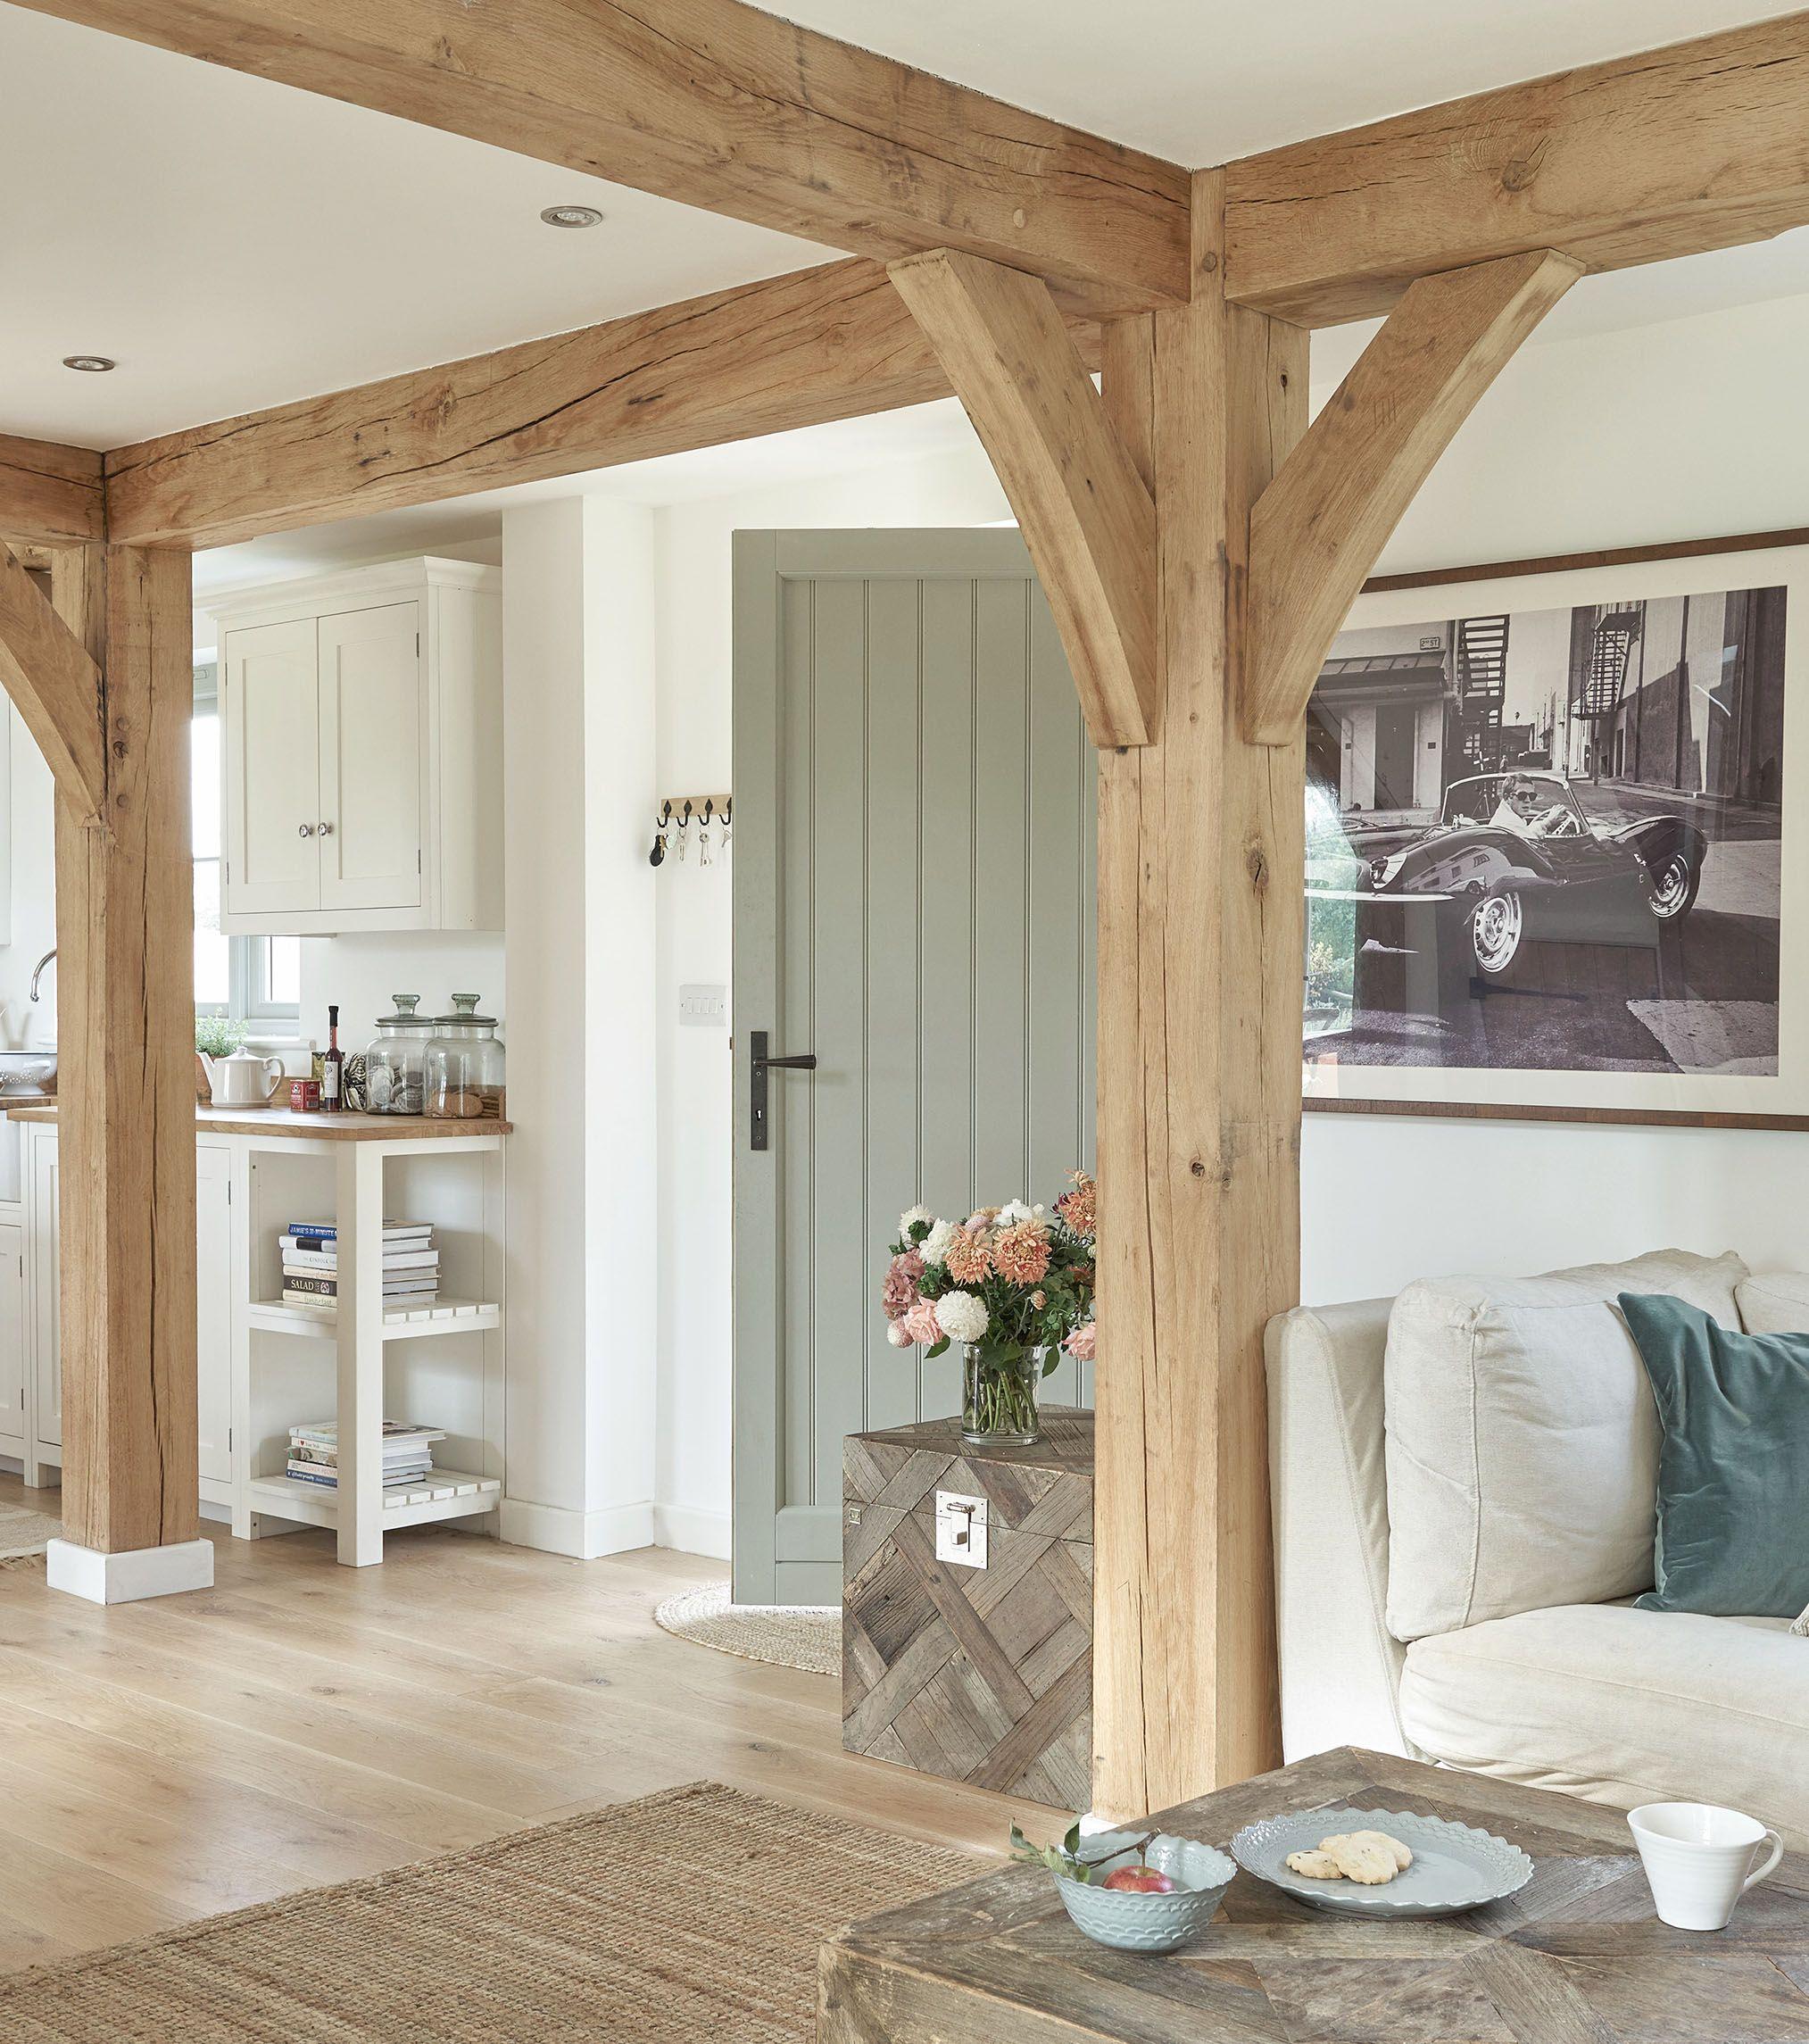 Welcome To Border Oak   Border Oak   Oak Framed Houses, Oak Framed Garages  And Structures.